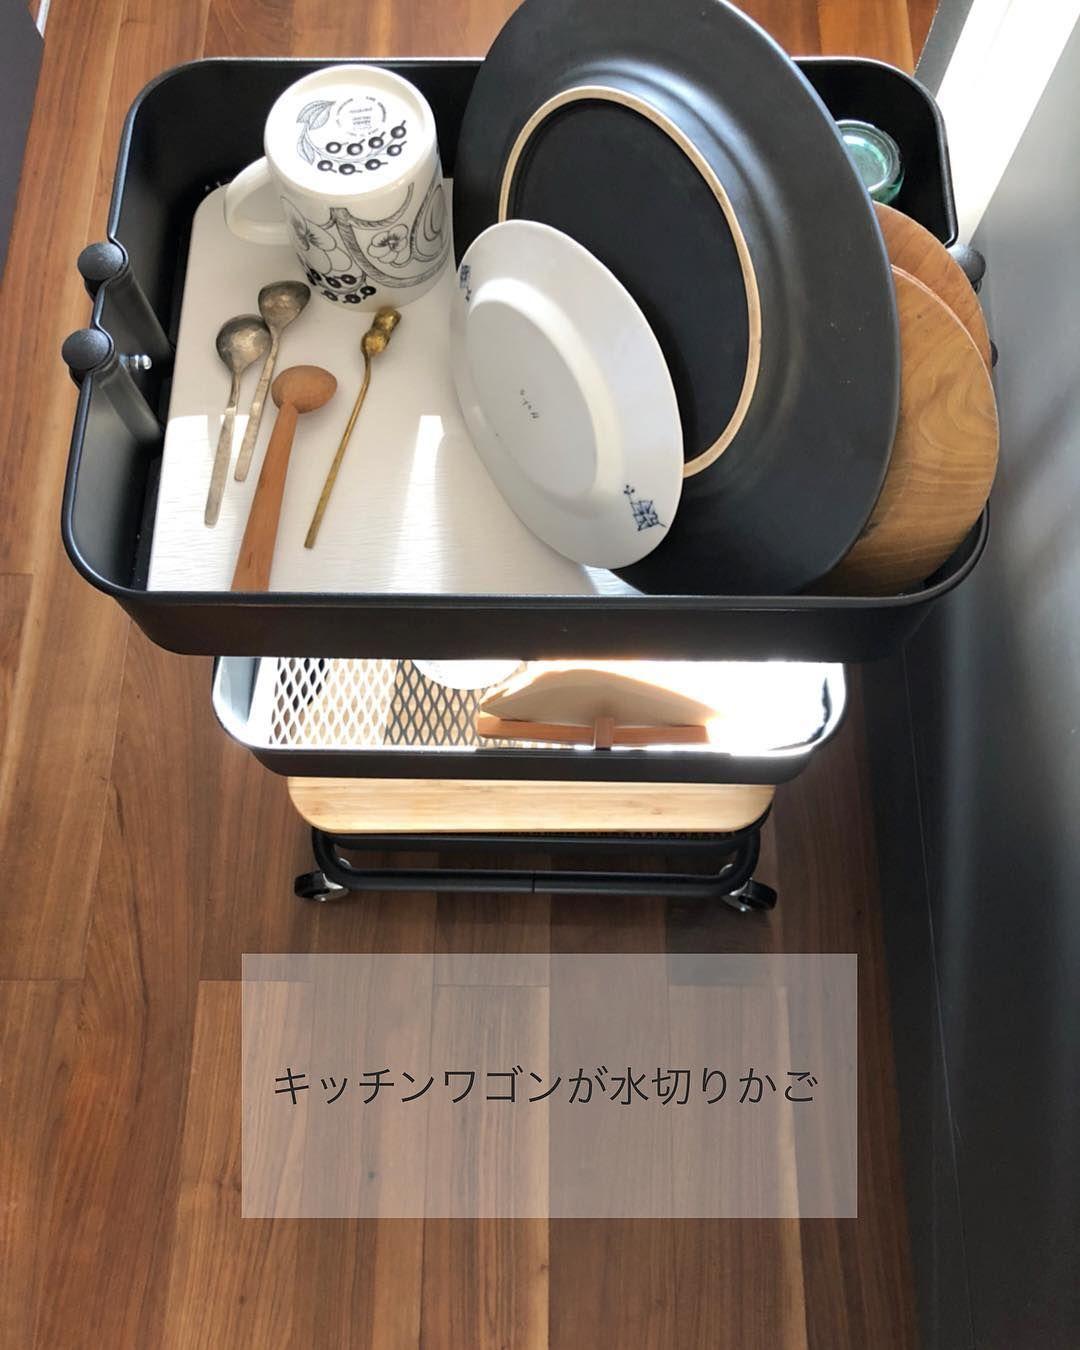 Mikikoさんはinstagramを利用しています Ikea の キッチンワゴン